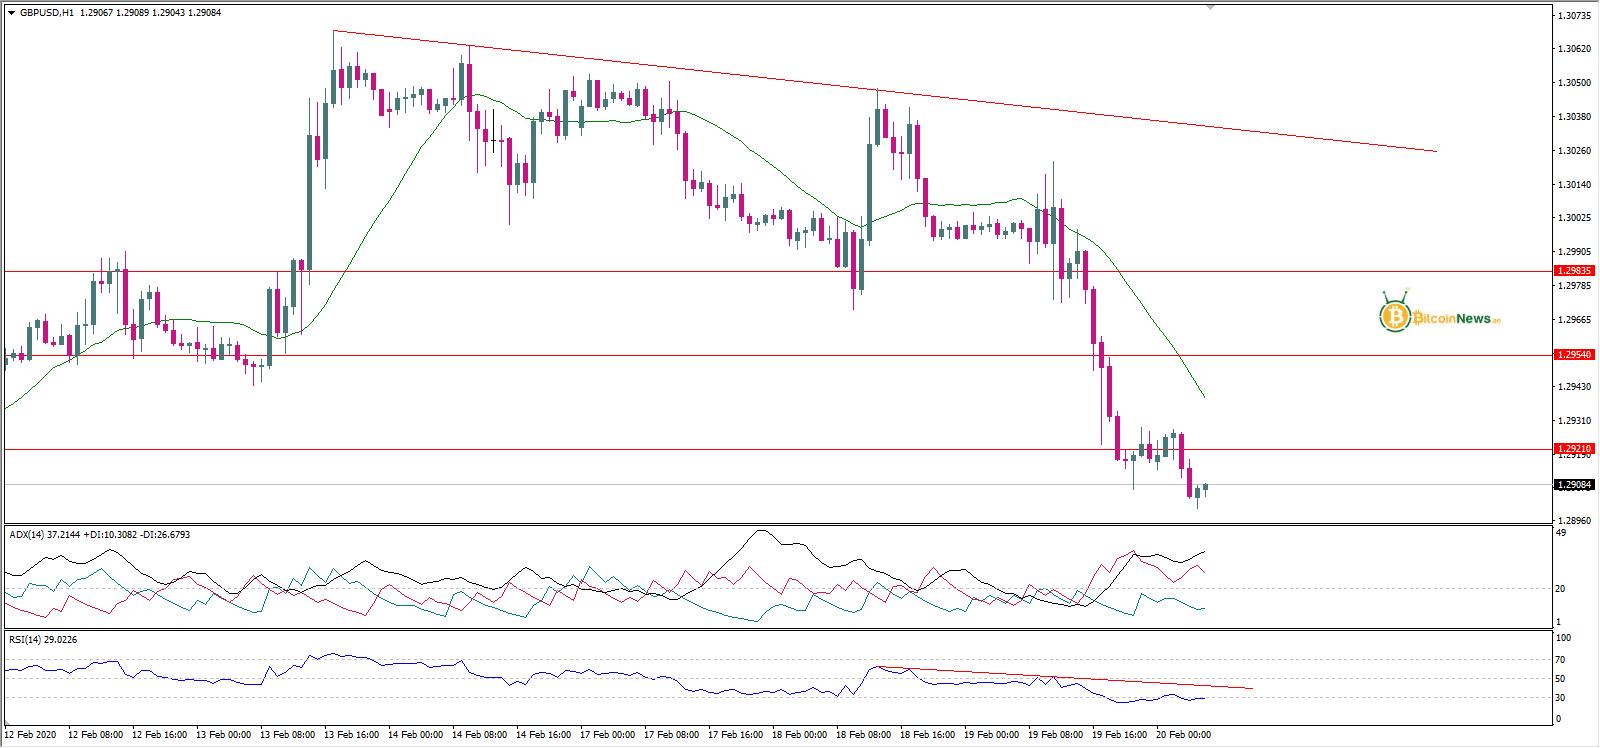 سعر الجنيه الإسترليني مقابل الدولار تحليل 20 فبراير توقعات